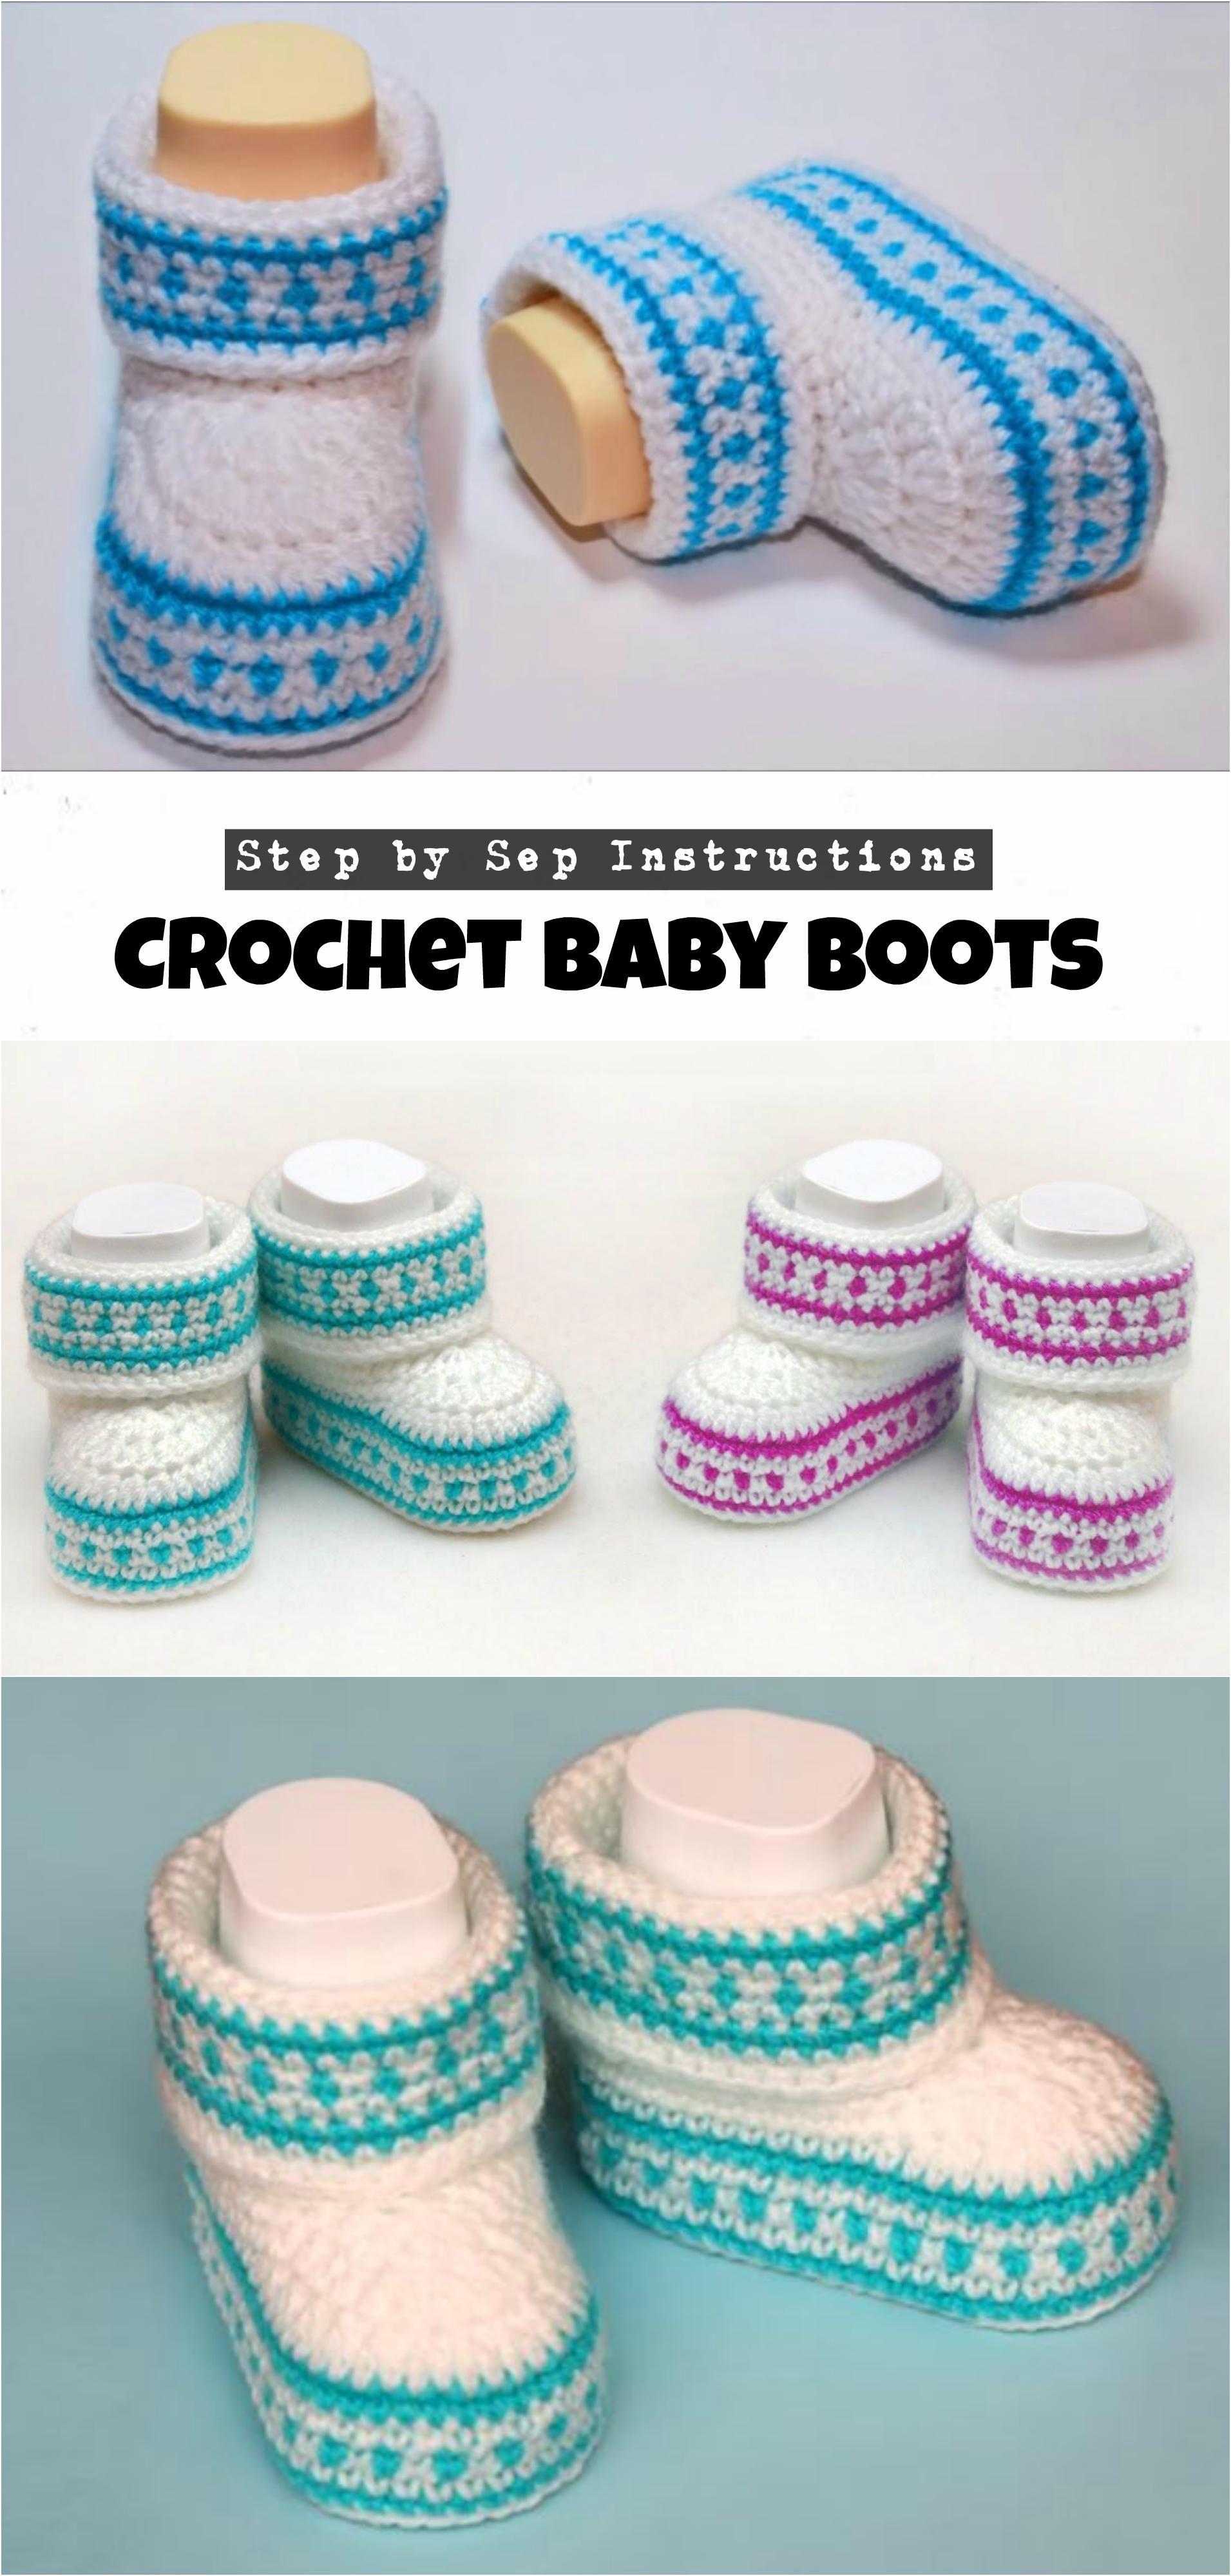 Crochet Baby Boots | CROCHET | Pinterest